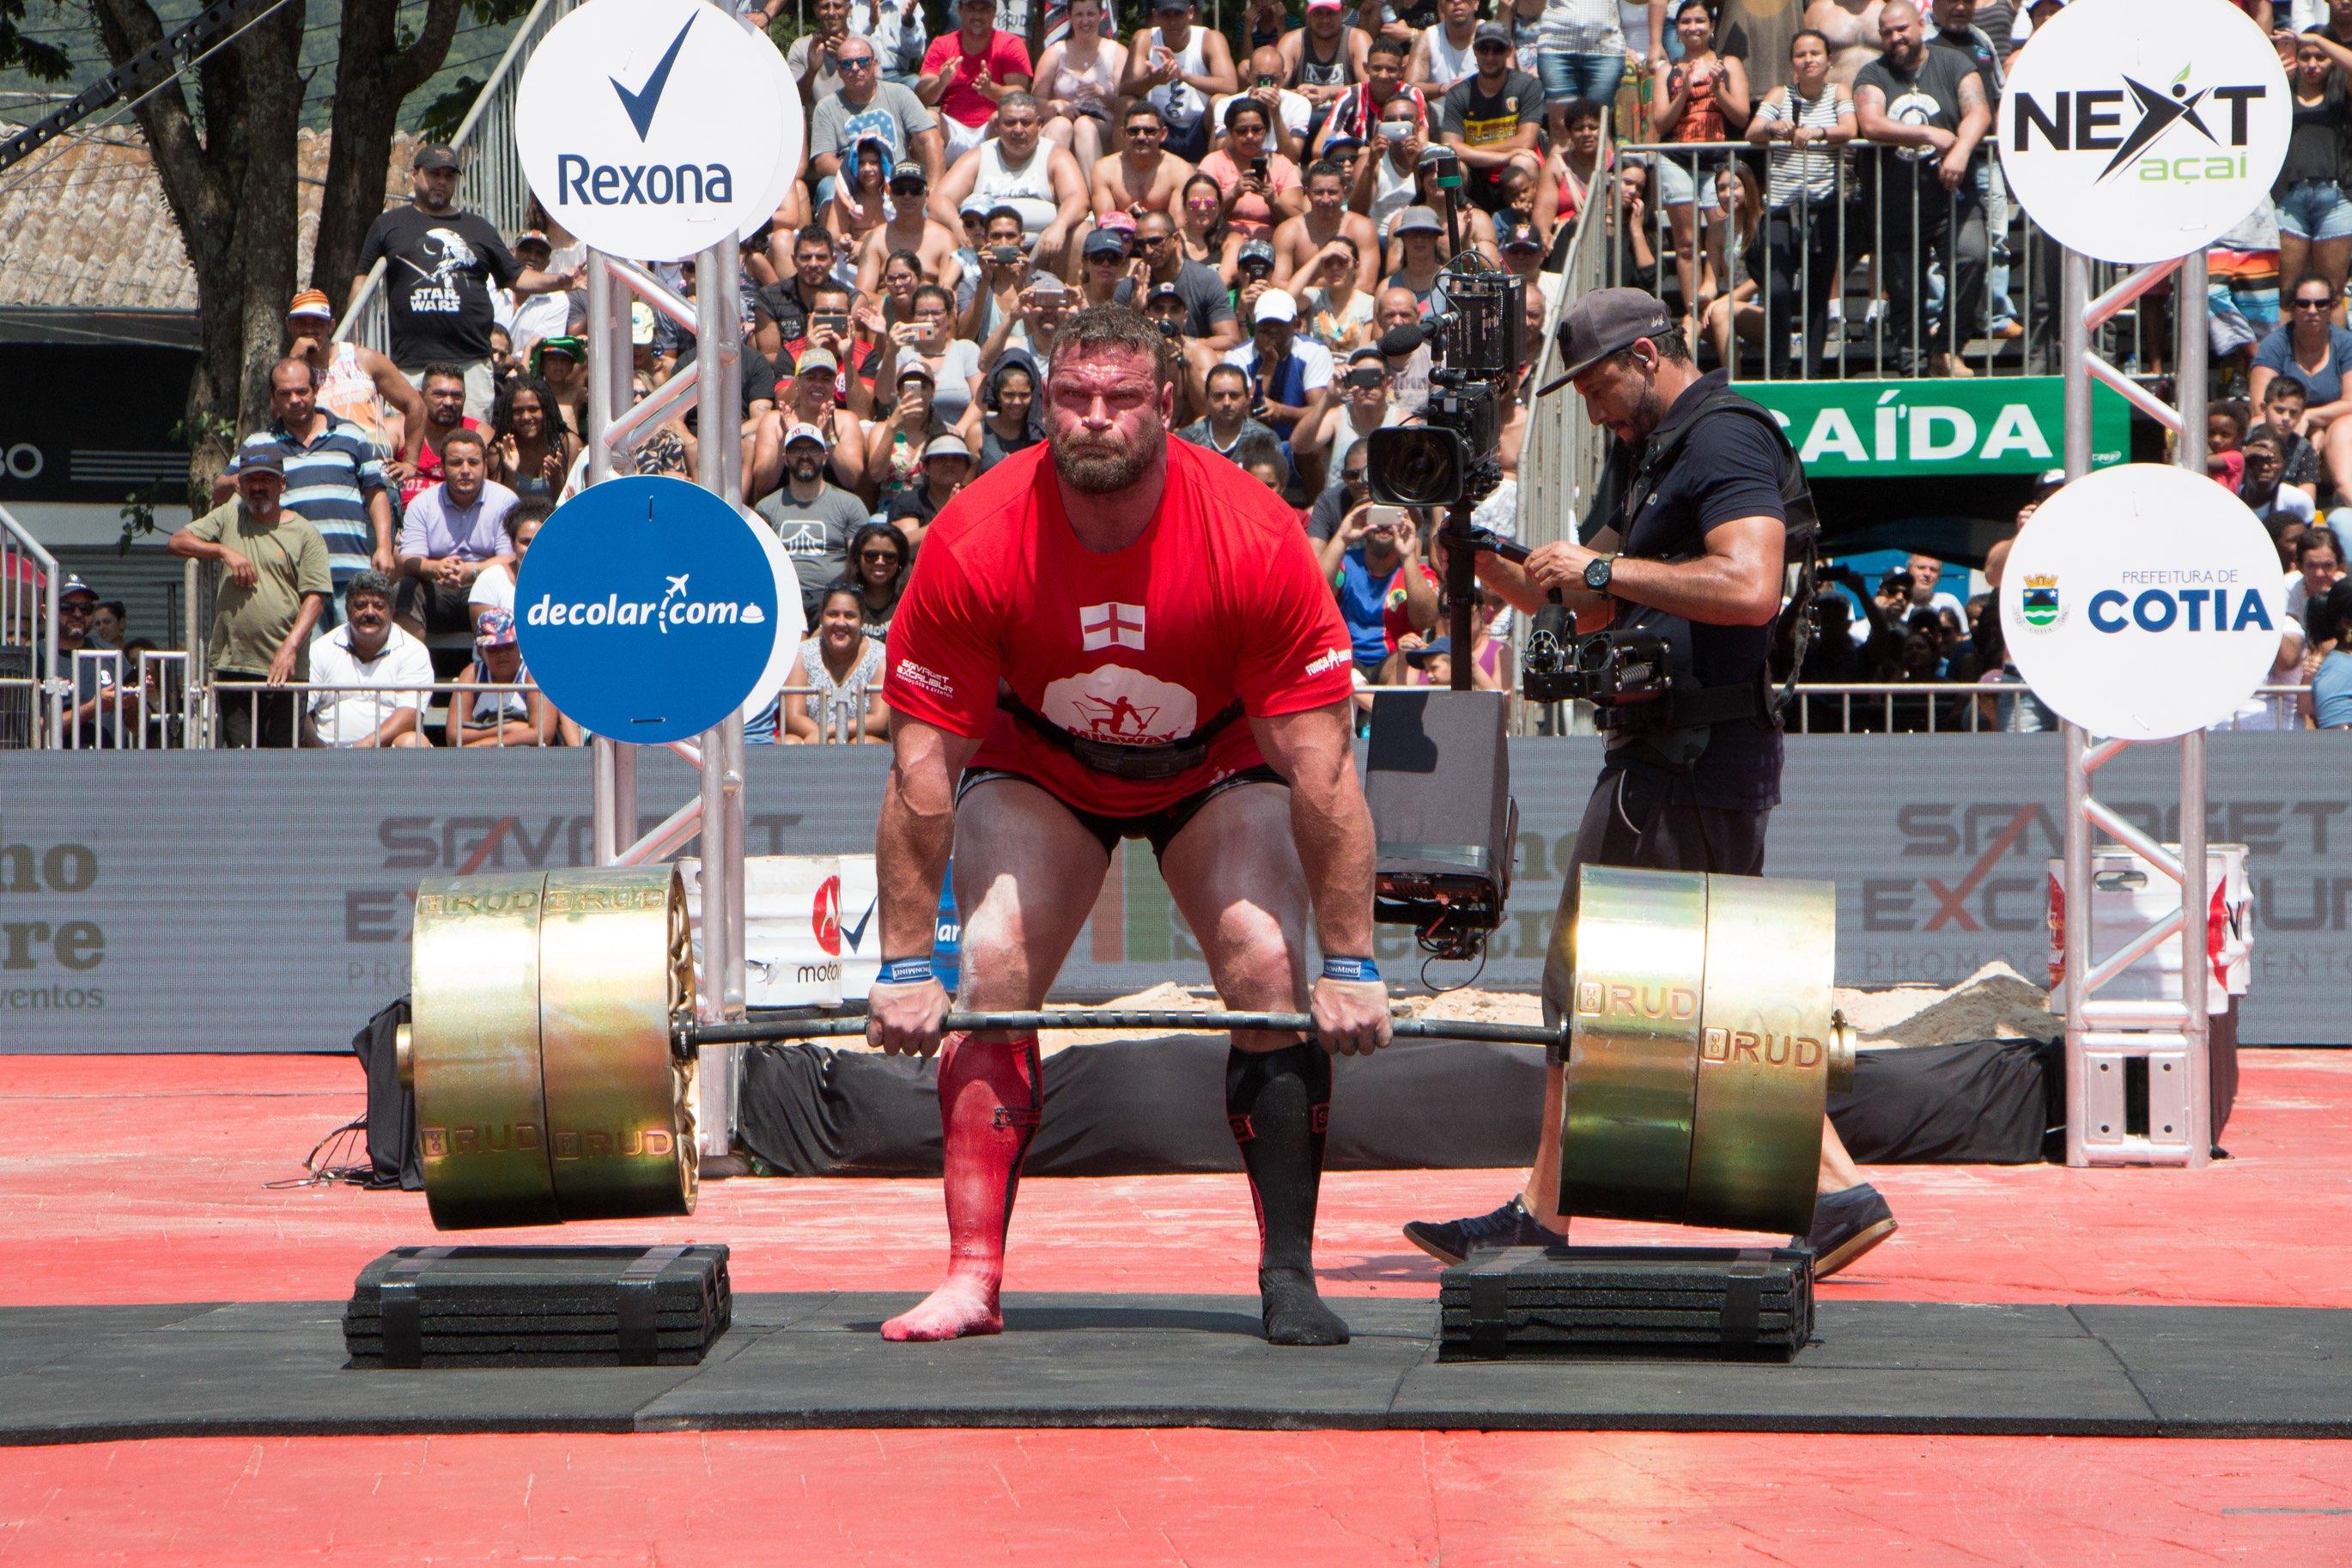 Sétima edição do Força Bruta reúne atletas da Inglaterra, Polônia, Rússia e EUA em fevereiro